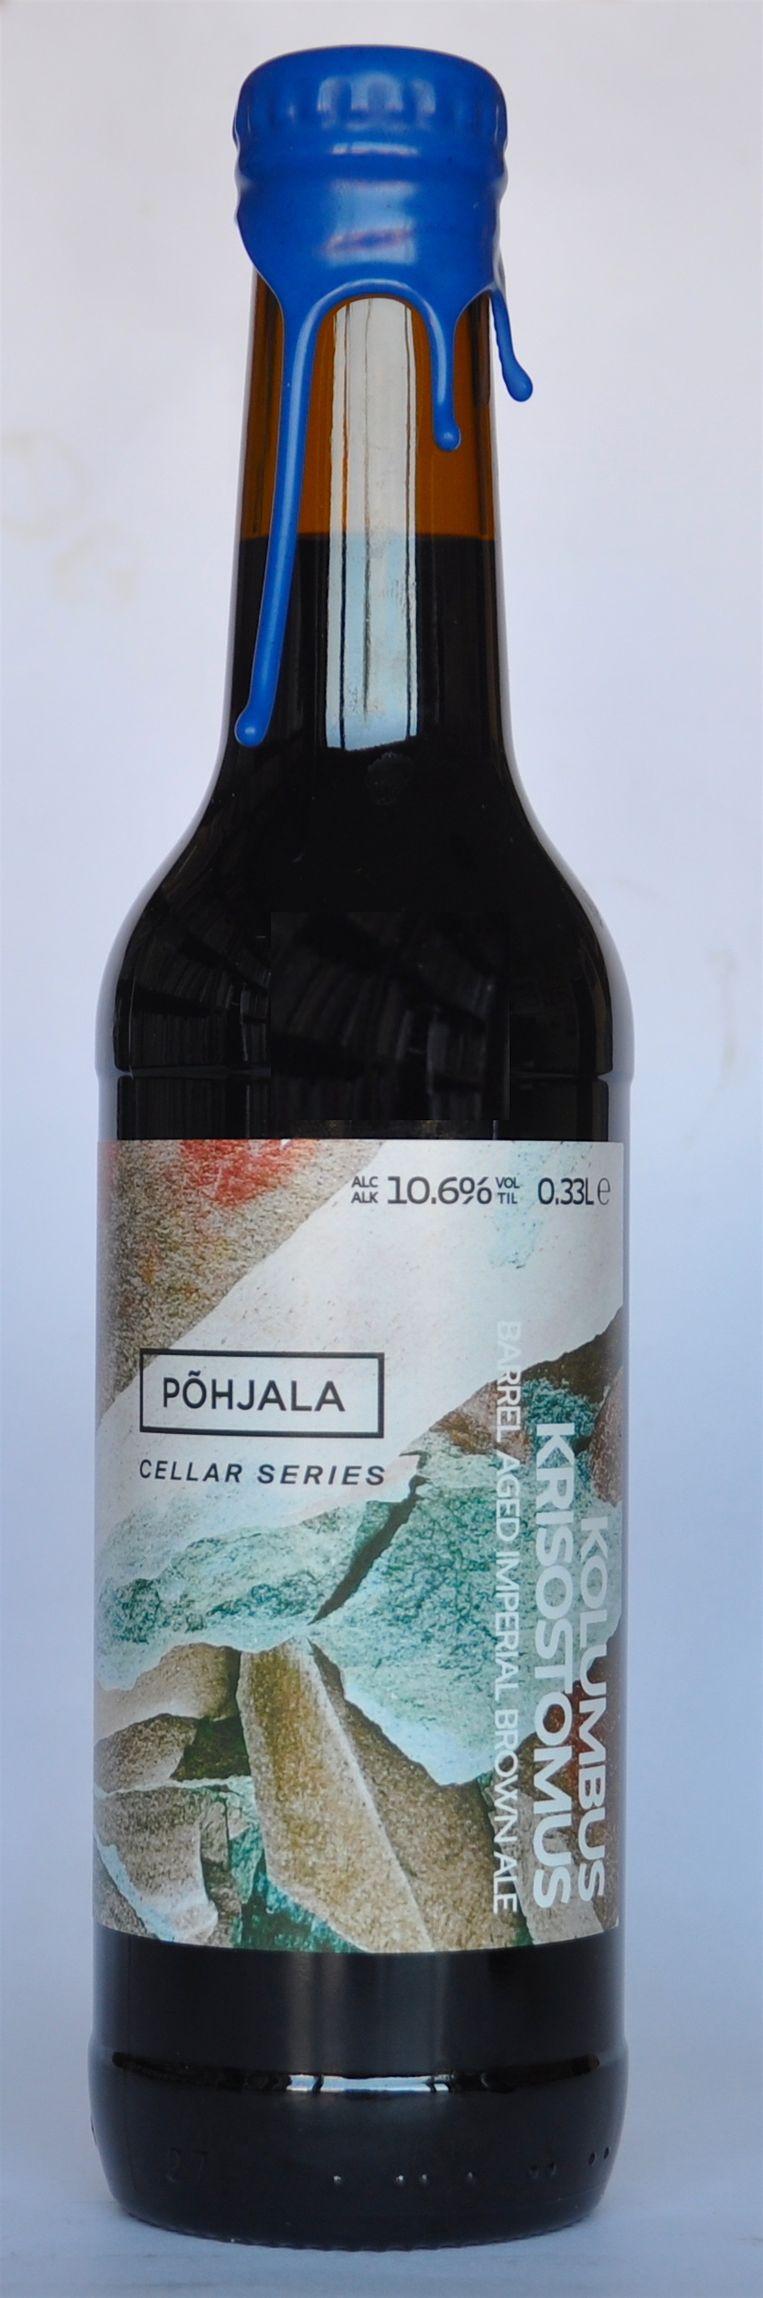 De Põhjala is een heerlijke Estlandse imperial brown ale waar madeira- én bourbonvaten ingezet werden. Beeld